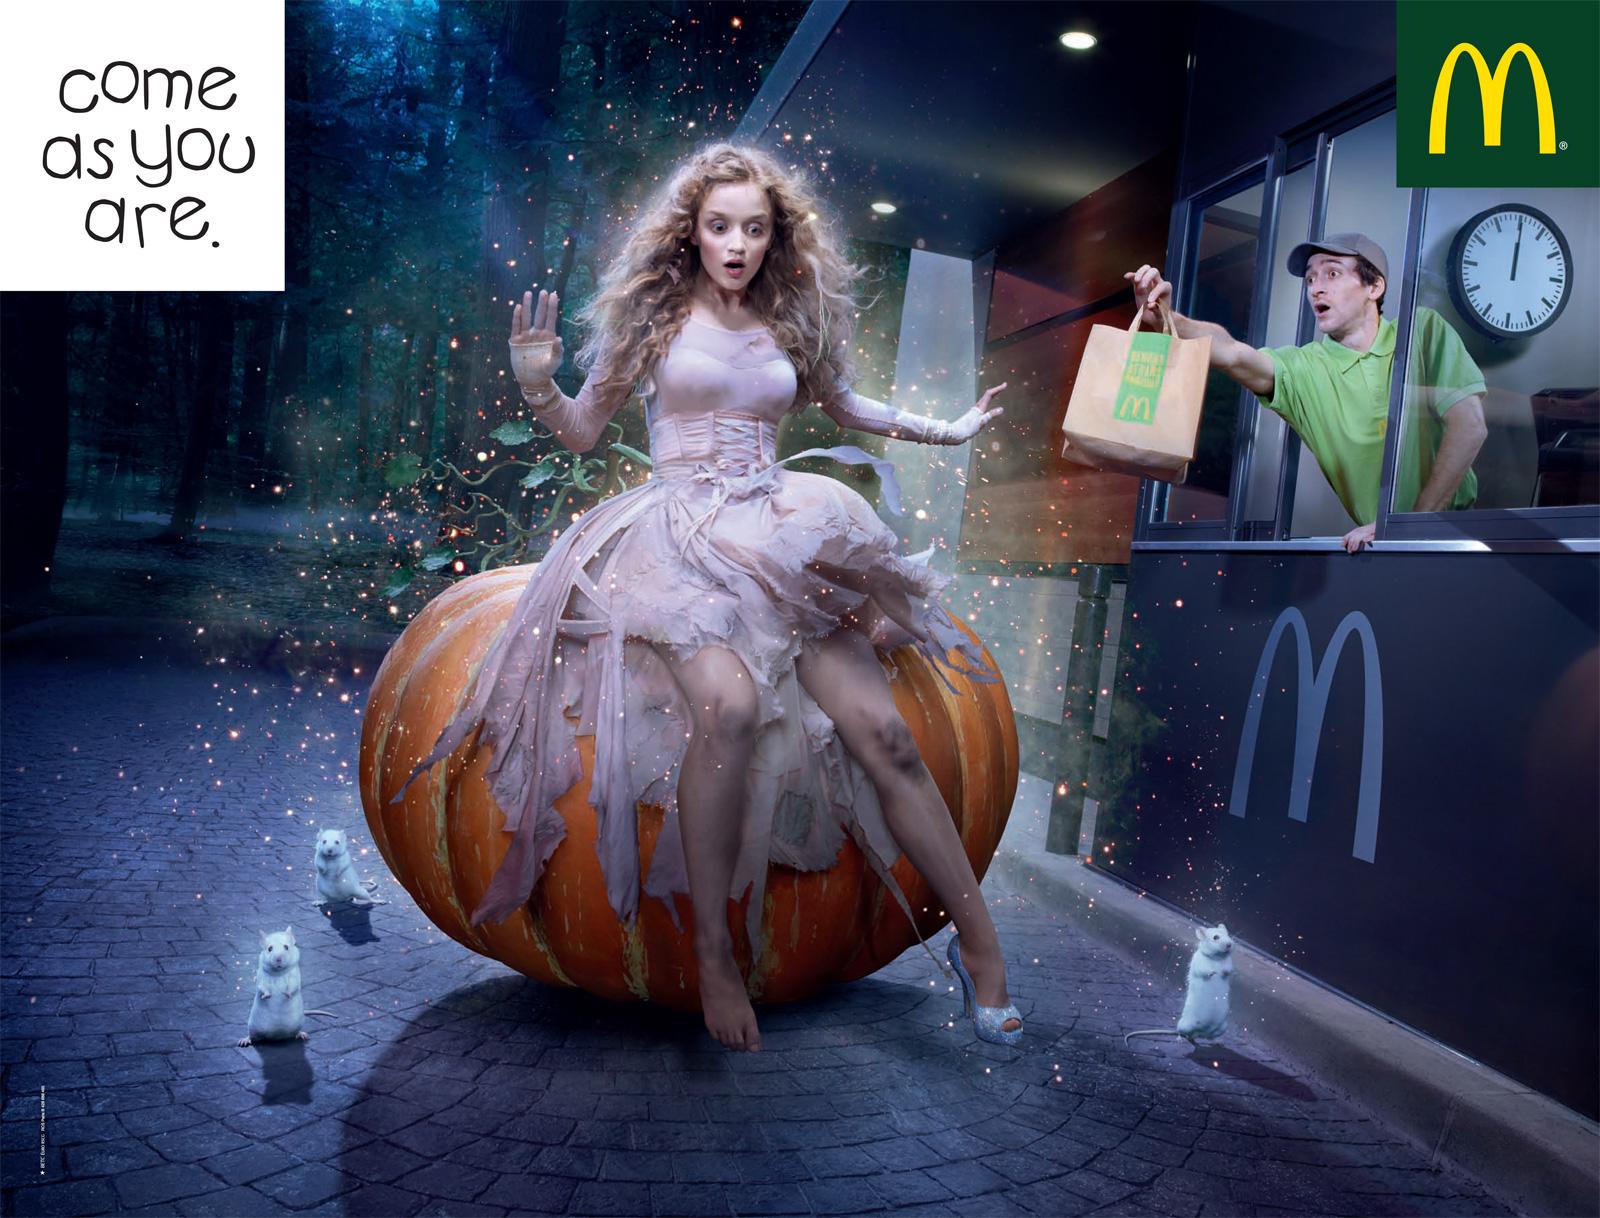 poster McDonalds Halloween